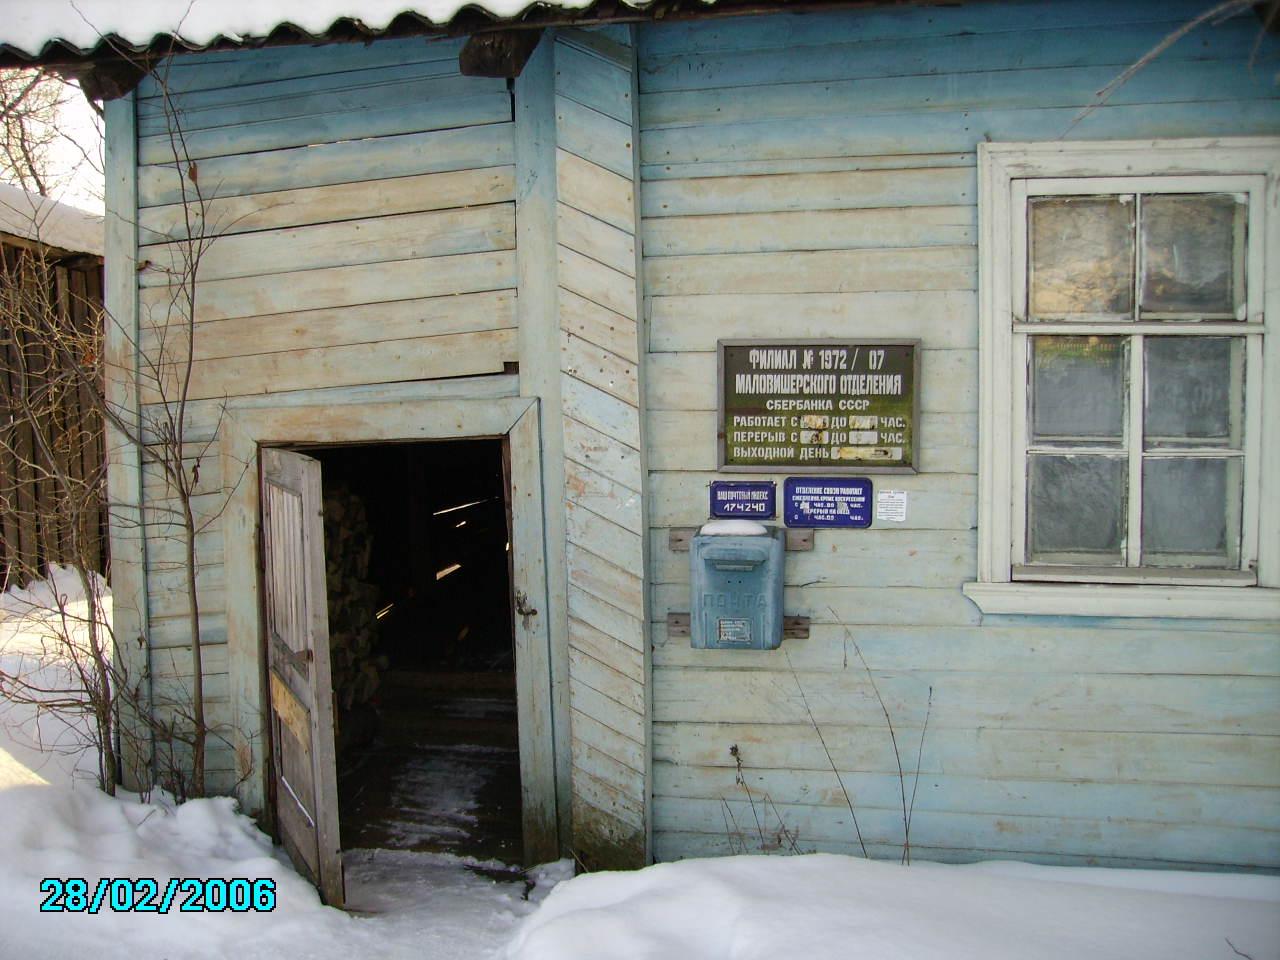 Смотреть фото станции гряды новгородской обл